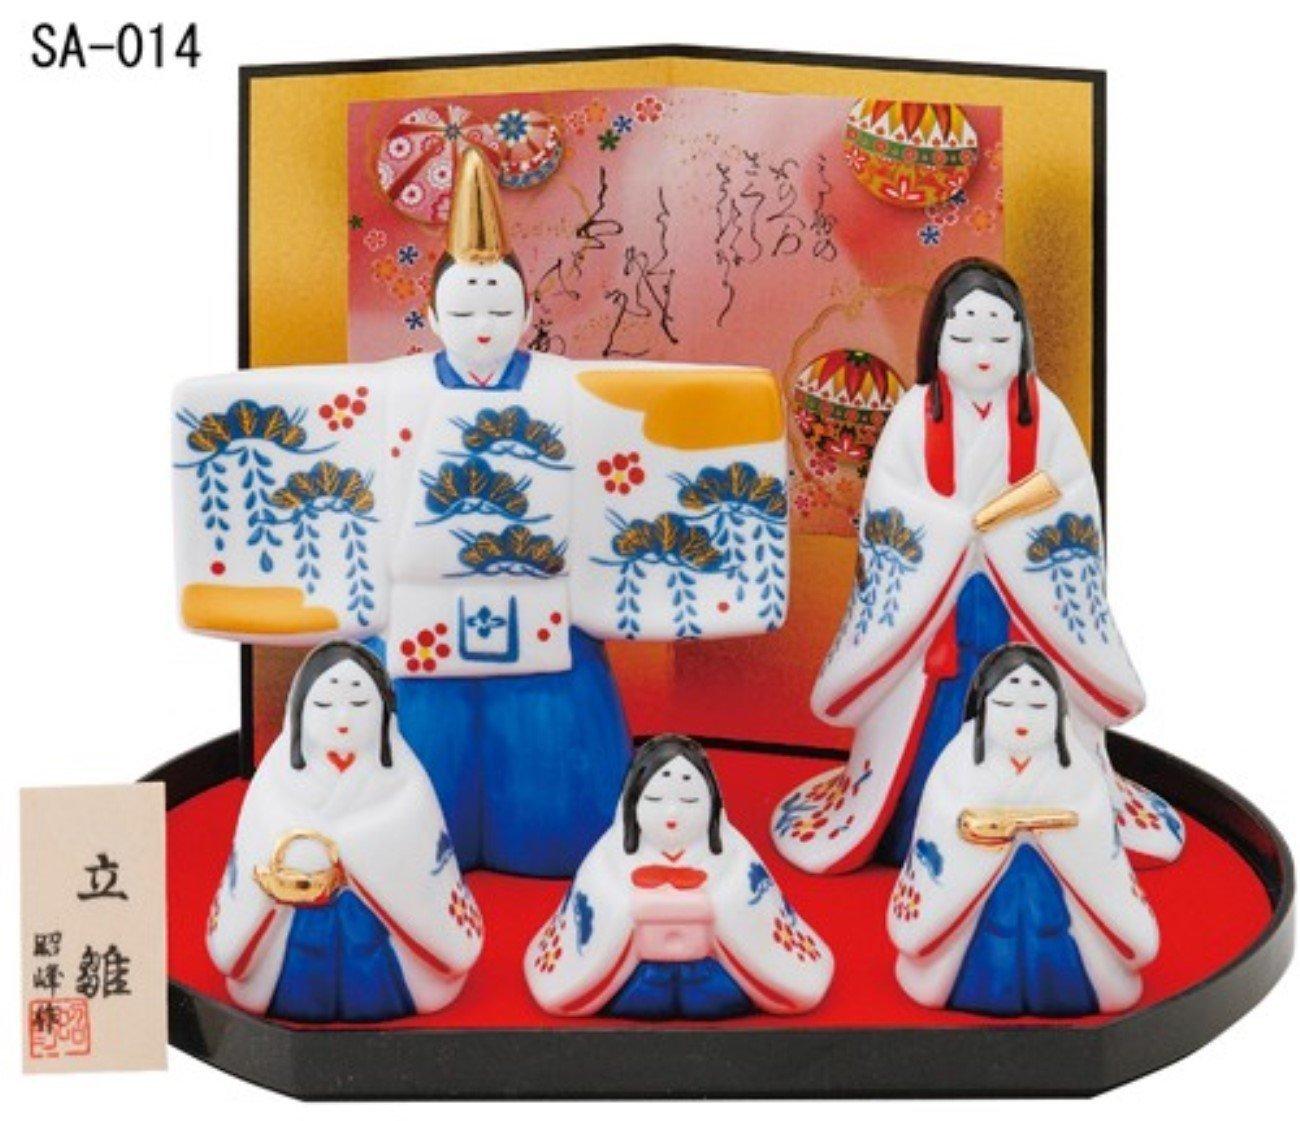 お雛様 コンパクト 女の子 雛人形 京洛 錦彩立雛飾り   B01GEDETSU